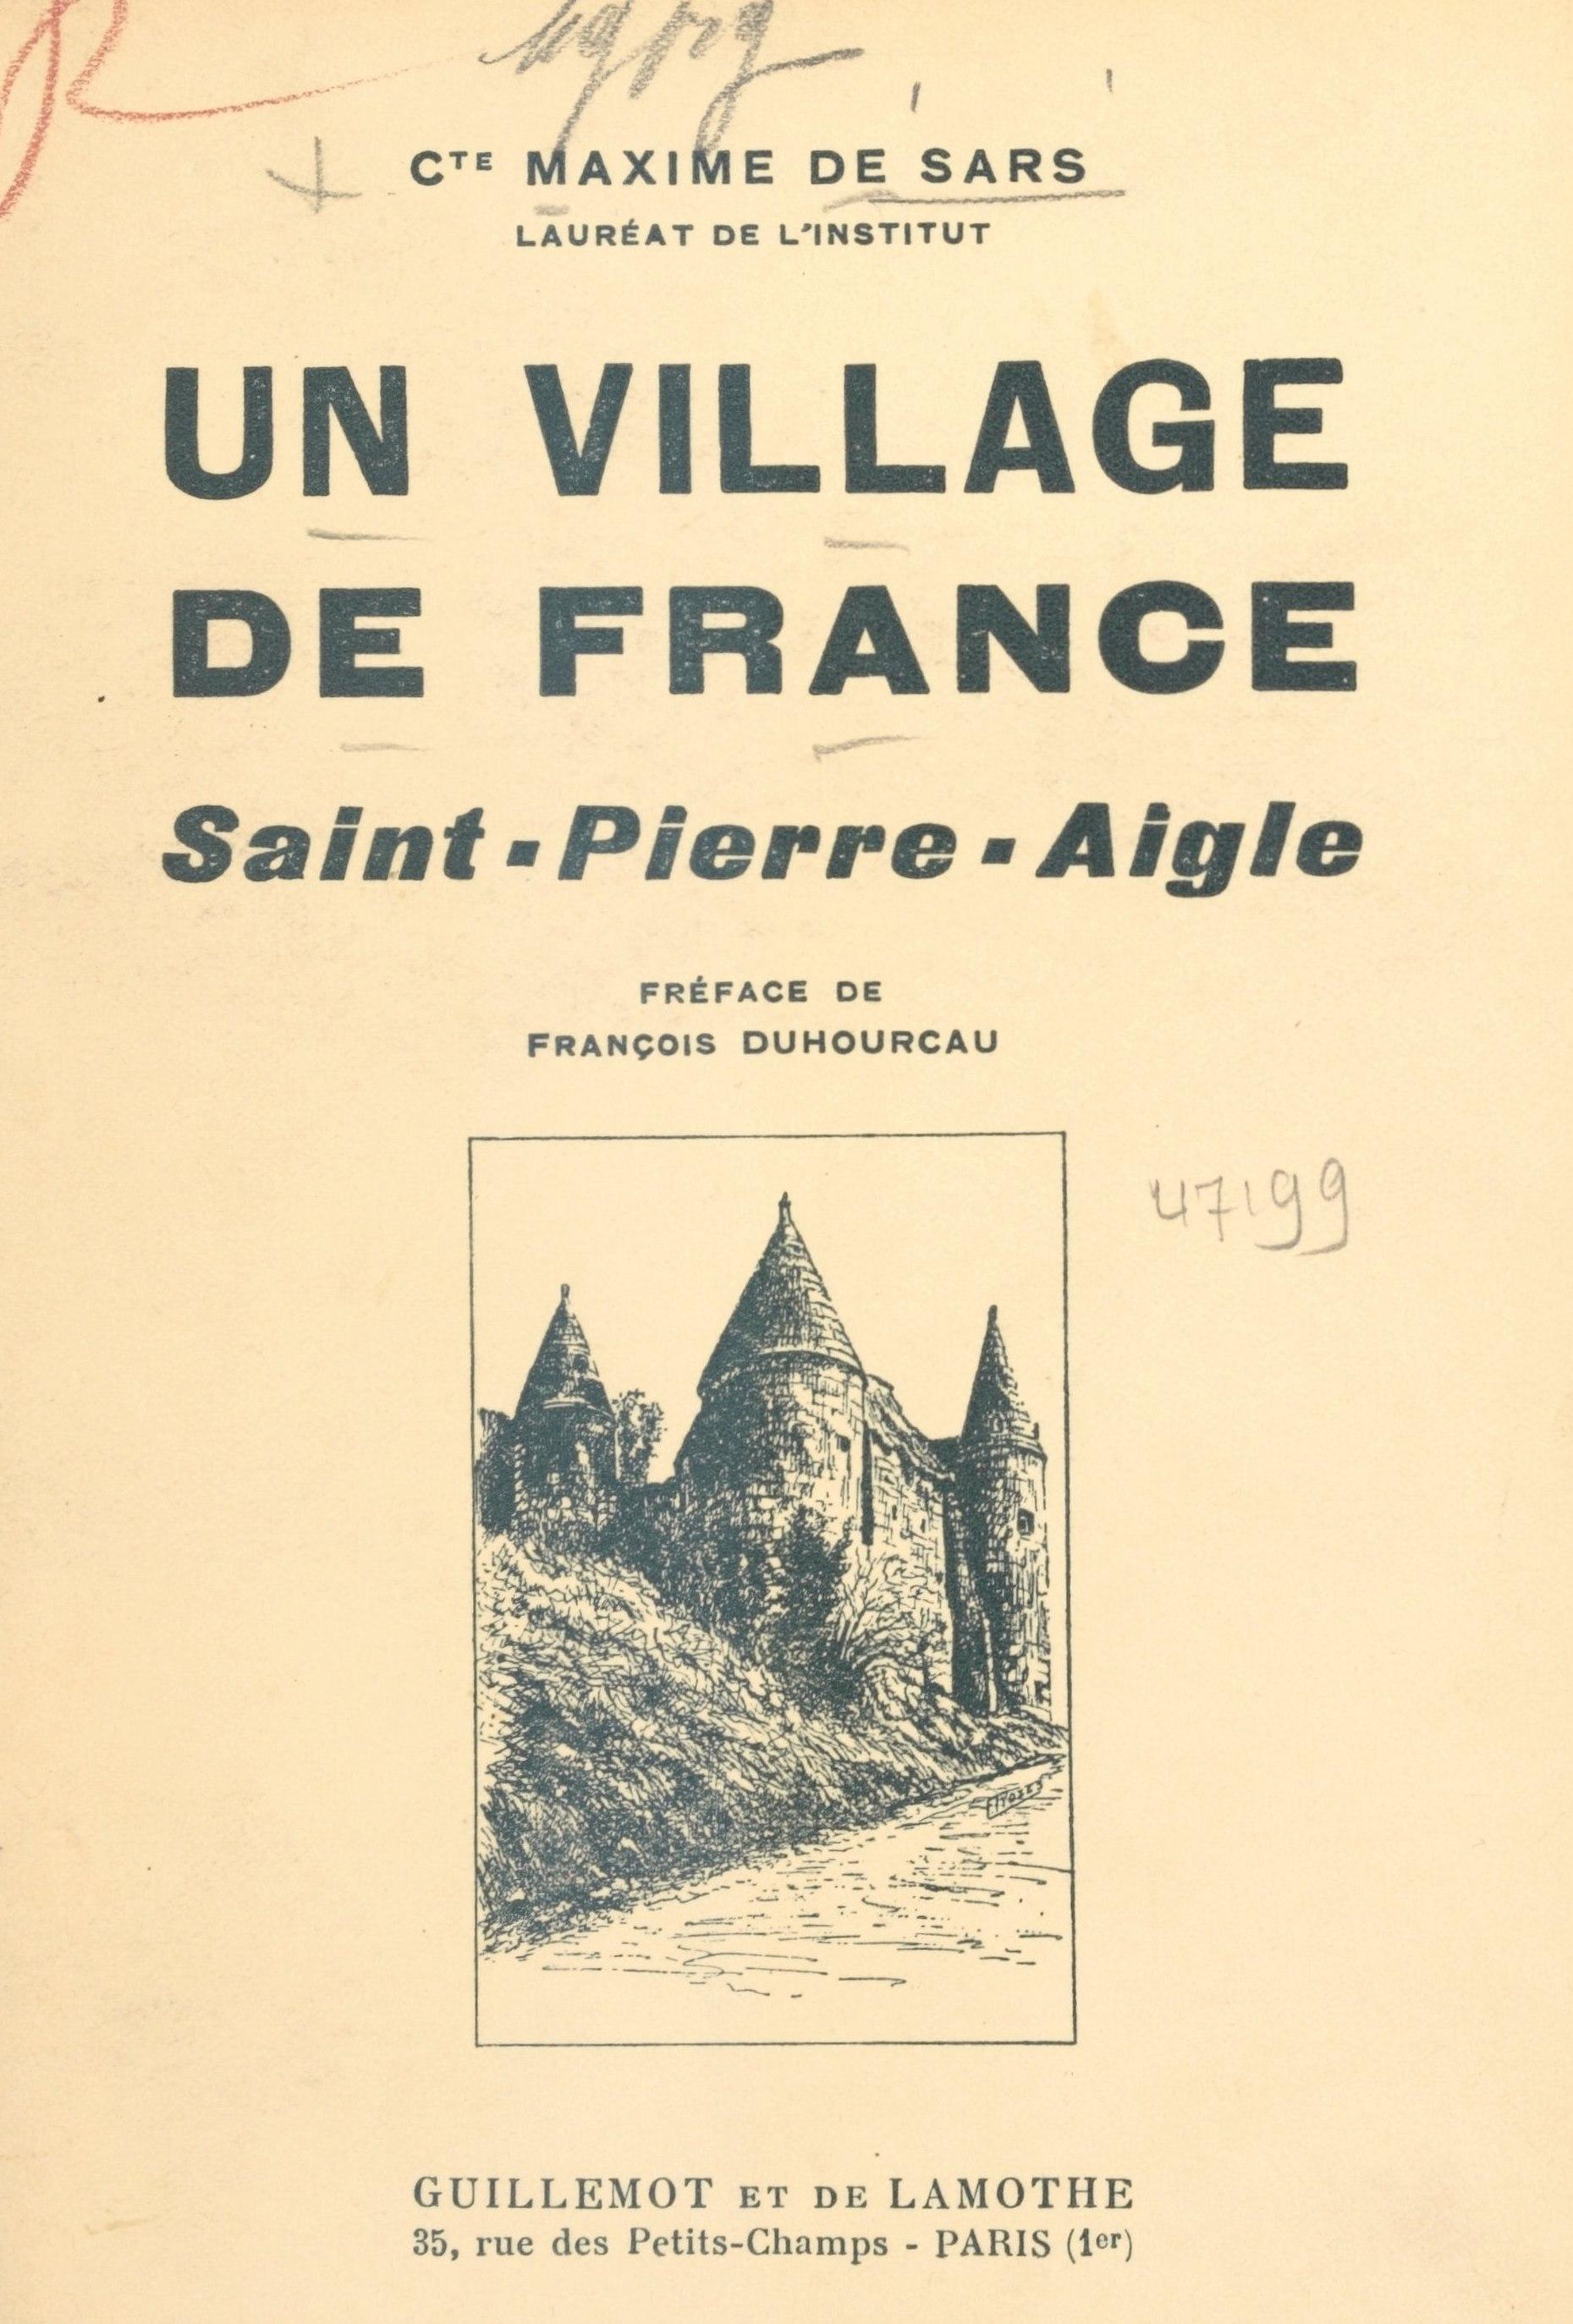 Un village de France, Saint-Pierre-Aigle